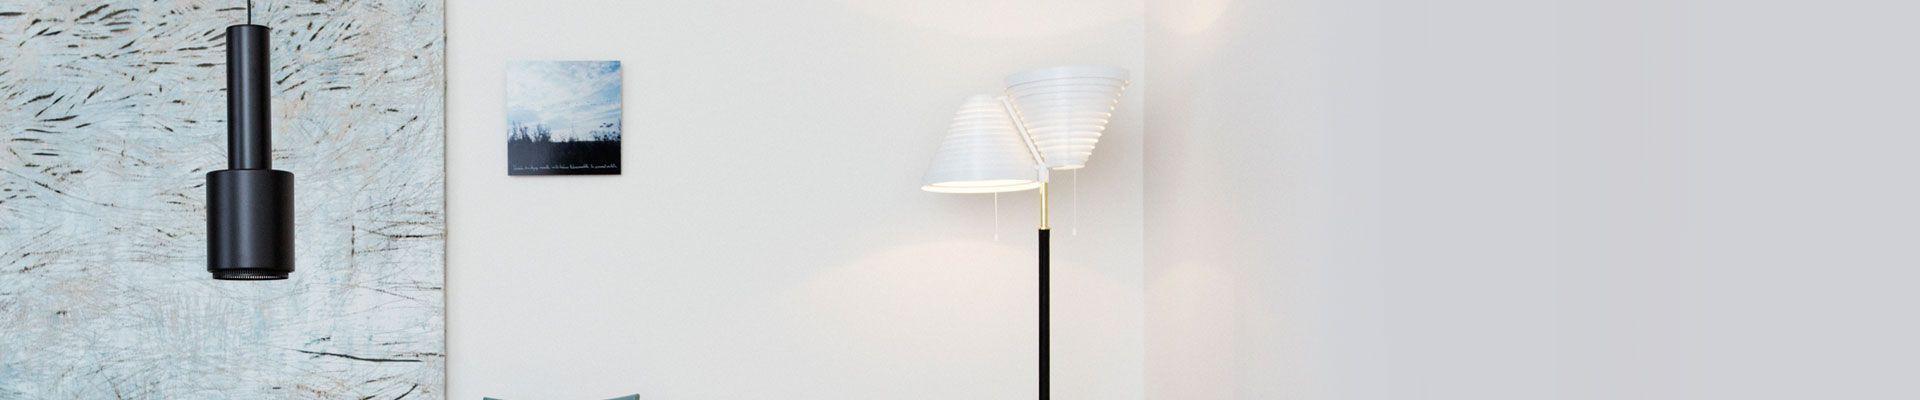 Artek lampen